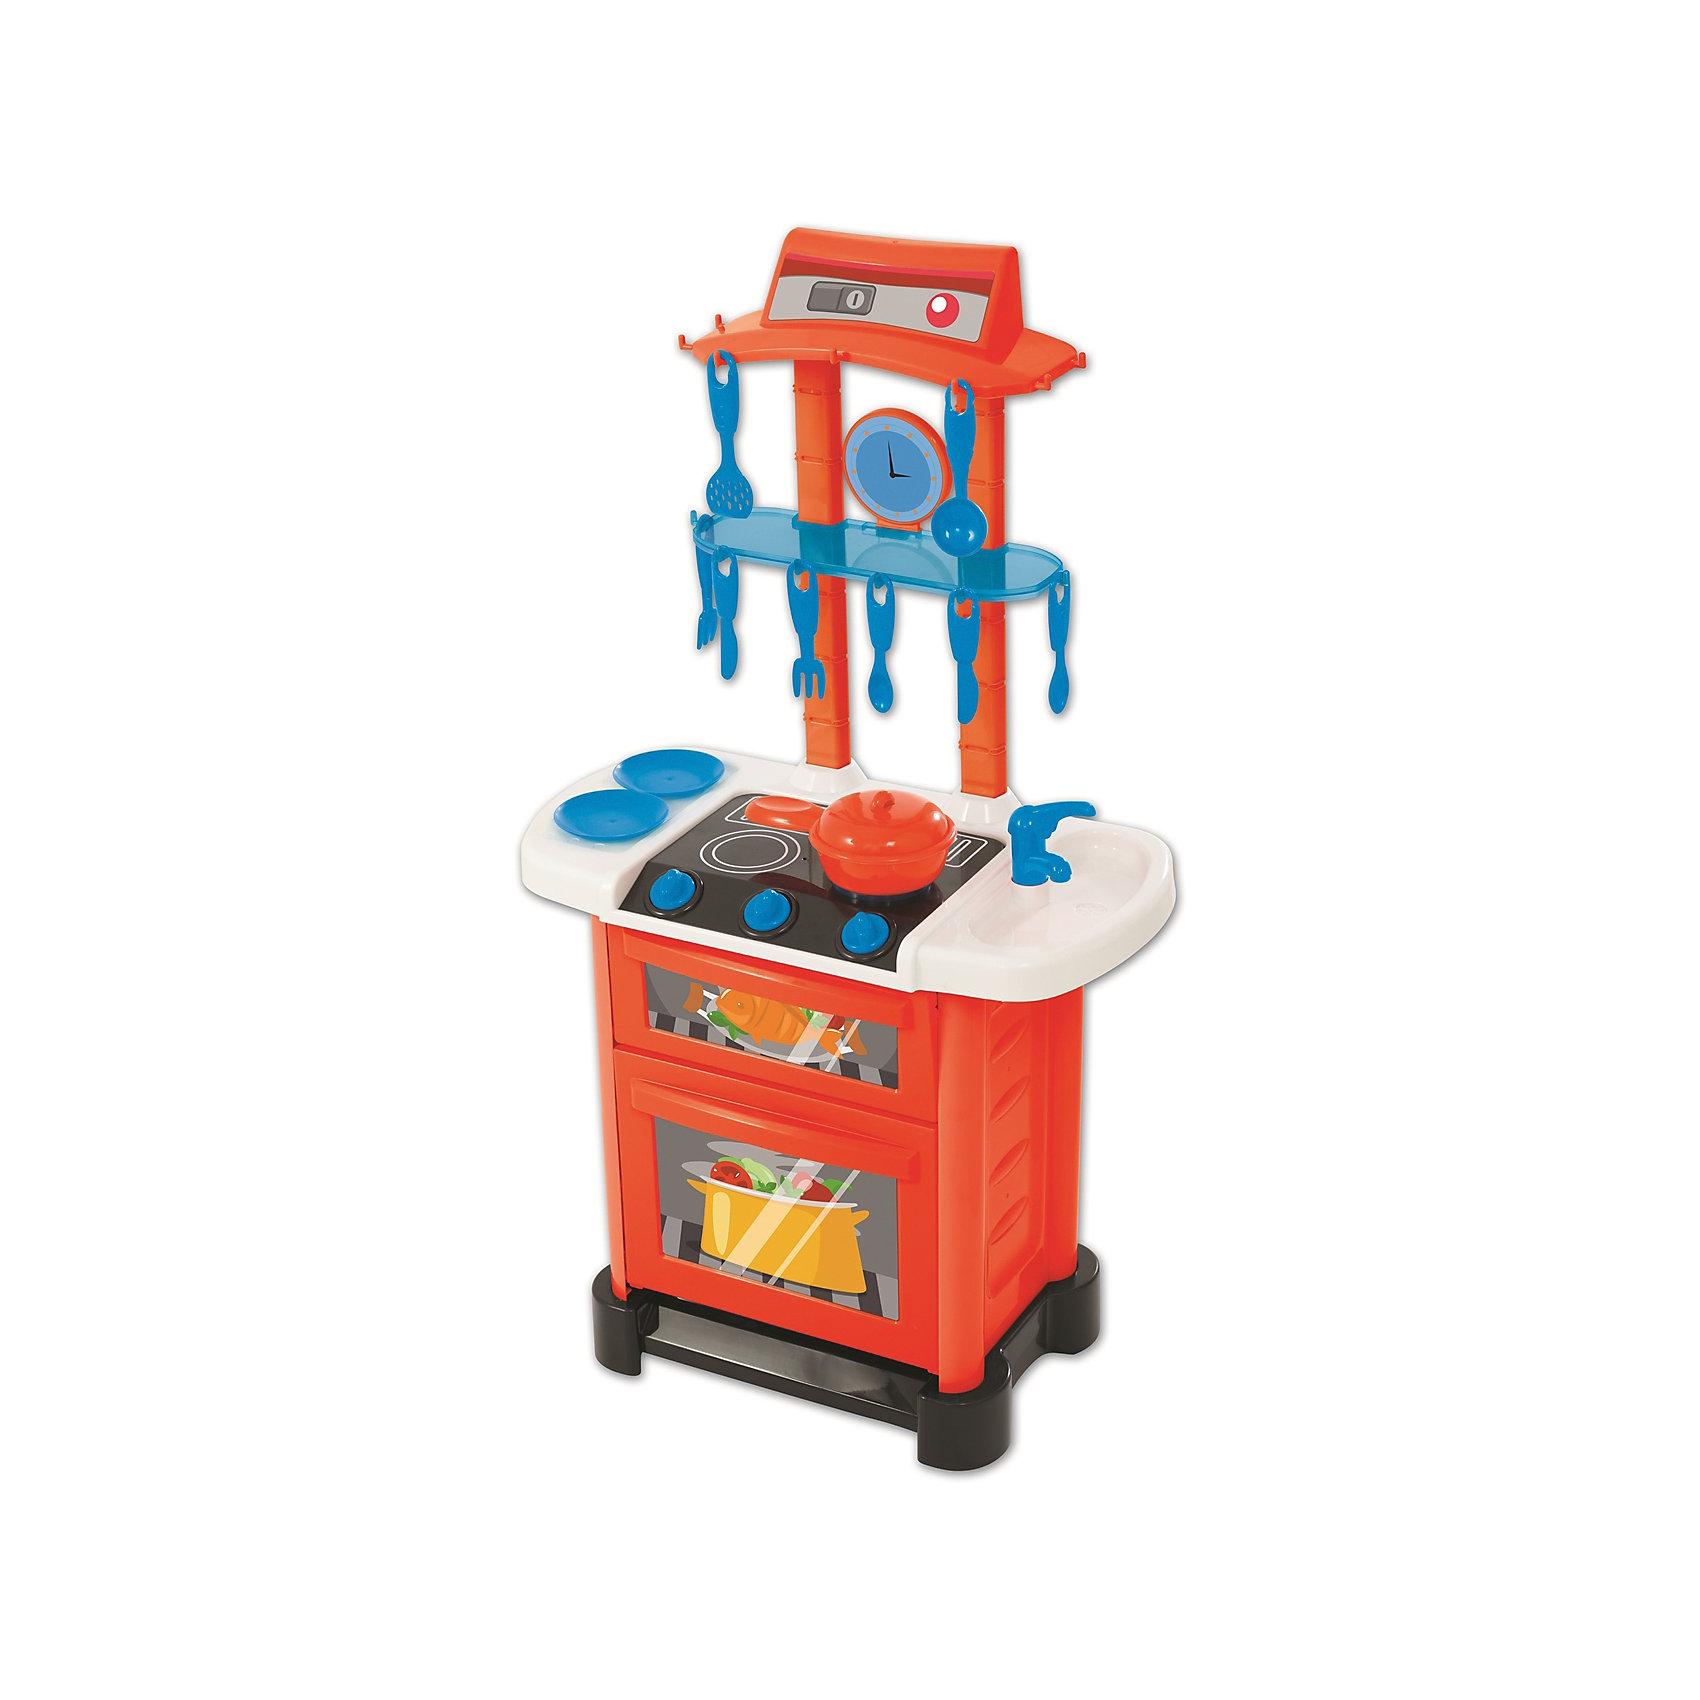 Электронная Кухня Smart, HTIДетские кухни<br>Характеристики товара:<br><br>• Материал: пластик<br>• Возраст: от 3-х лет<br>• Наличие батареек: не входят в комплект.<br>• Тип батареек: 3 х AA / LR6 1.5V (пальчиковые).<br>• Высота кухни: 87 см<br>• Размер кухни 87х50х26 см<br>• Размер упаковки 51х31х14 см<br>• Вес упаковки 2 кг<br>• Страна производитель: Китай<br><br>Электронная кухня Smart HTI — детская кухня для маленькой хозяйки, которая познакомит ее с устройством бытовых приборов, а также позволит попробовать себя настоящим поваром. С ее помощью девочка сможет приготовить самые вкусные блюда. Кухня оборудована раковиной, варочной панелью и духовым шкафом. У духовки открываются дверцы. Все необходимые столовые приборы будут у маленькой хозяйки всегда под рукой, так как для них приспособлены крючки.<br><br>Игрушка оснащена звуковыми эффектами. Во время приготовления слышно звук шипения при жарке и кипящего бульона. Для работы звуковых эффектов требуются 3 батарейки АА (в комплект не входят). Кухня изготовлена из качественного безвредного пластика. В наборе кухня, варочная панель, раковина, духовой шкаф, столовые приборы, тарелки, кастрюля.<br><br>Электронную кухню Smart HTI можно приобрести в нашем интернет-магазине.<br><br>Ширина мм: 510<br>Глубина мм: 310<br>Высота мм: 140<br>Вес г: 2000<br>Возраст от месяцев: 36<br>Возраст до месяцев: 2147483647<br>Пол: Унисекс<br>Возраст: Детский<br>SKU: 5514326